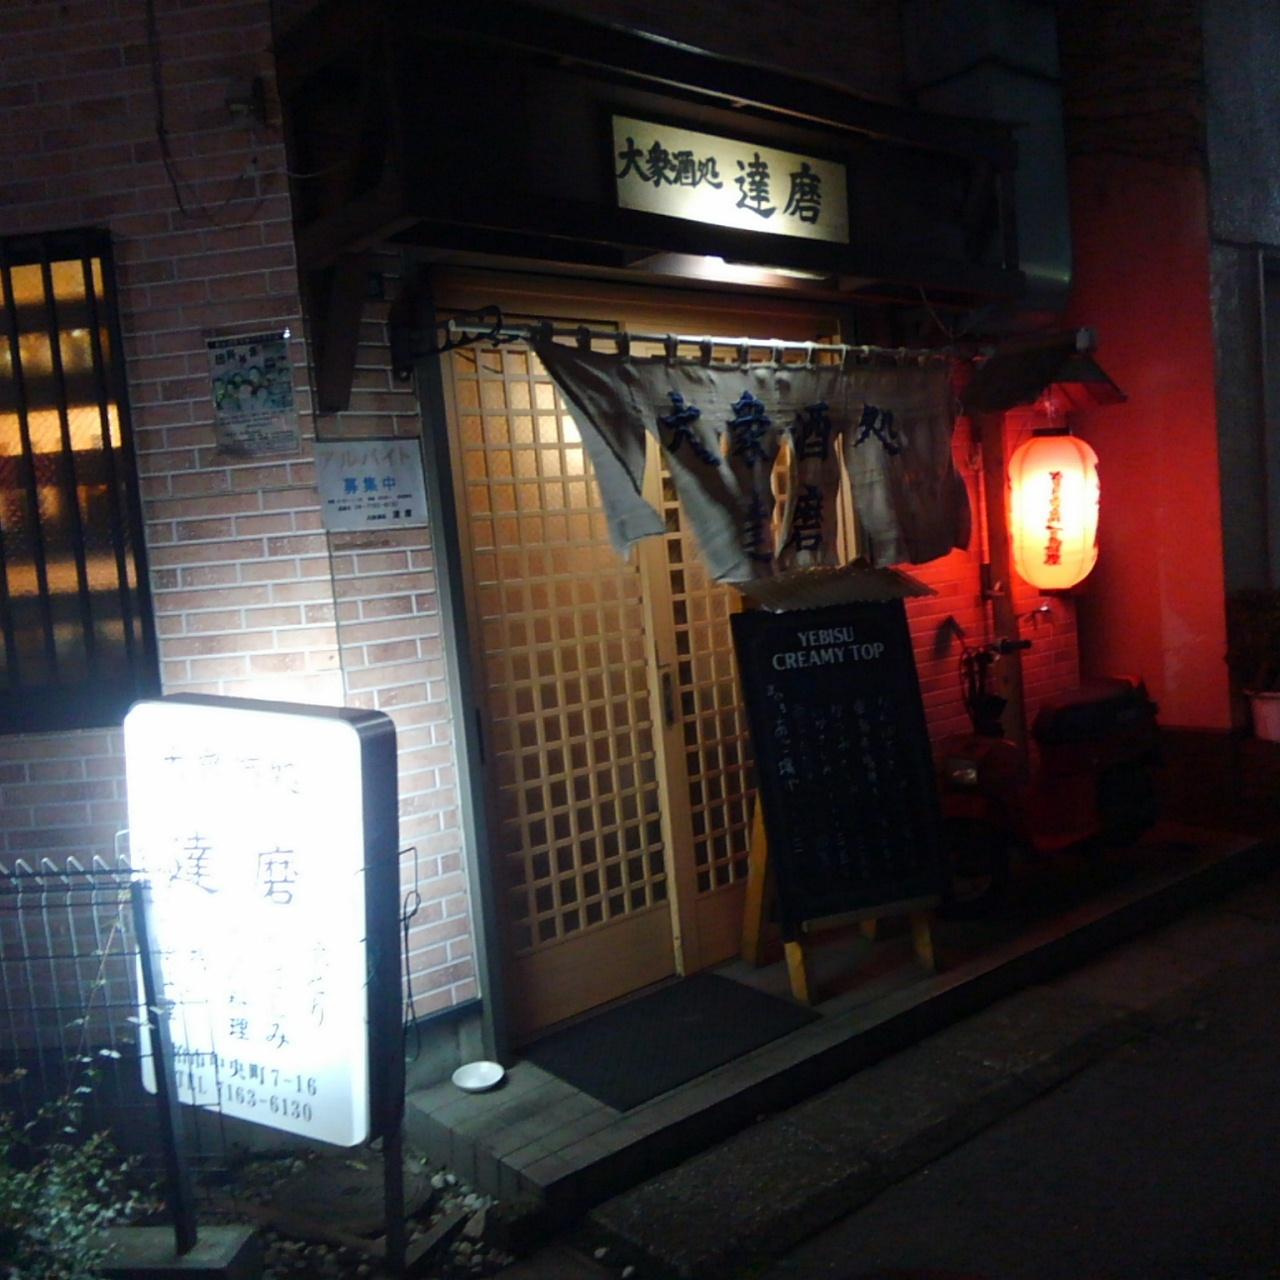 達磨(柏) 柏の家庭的居酒屋 コスパもバッチリ! 珍味も^^